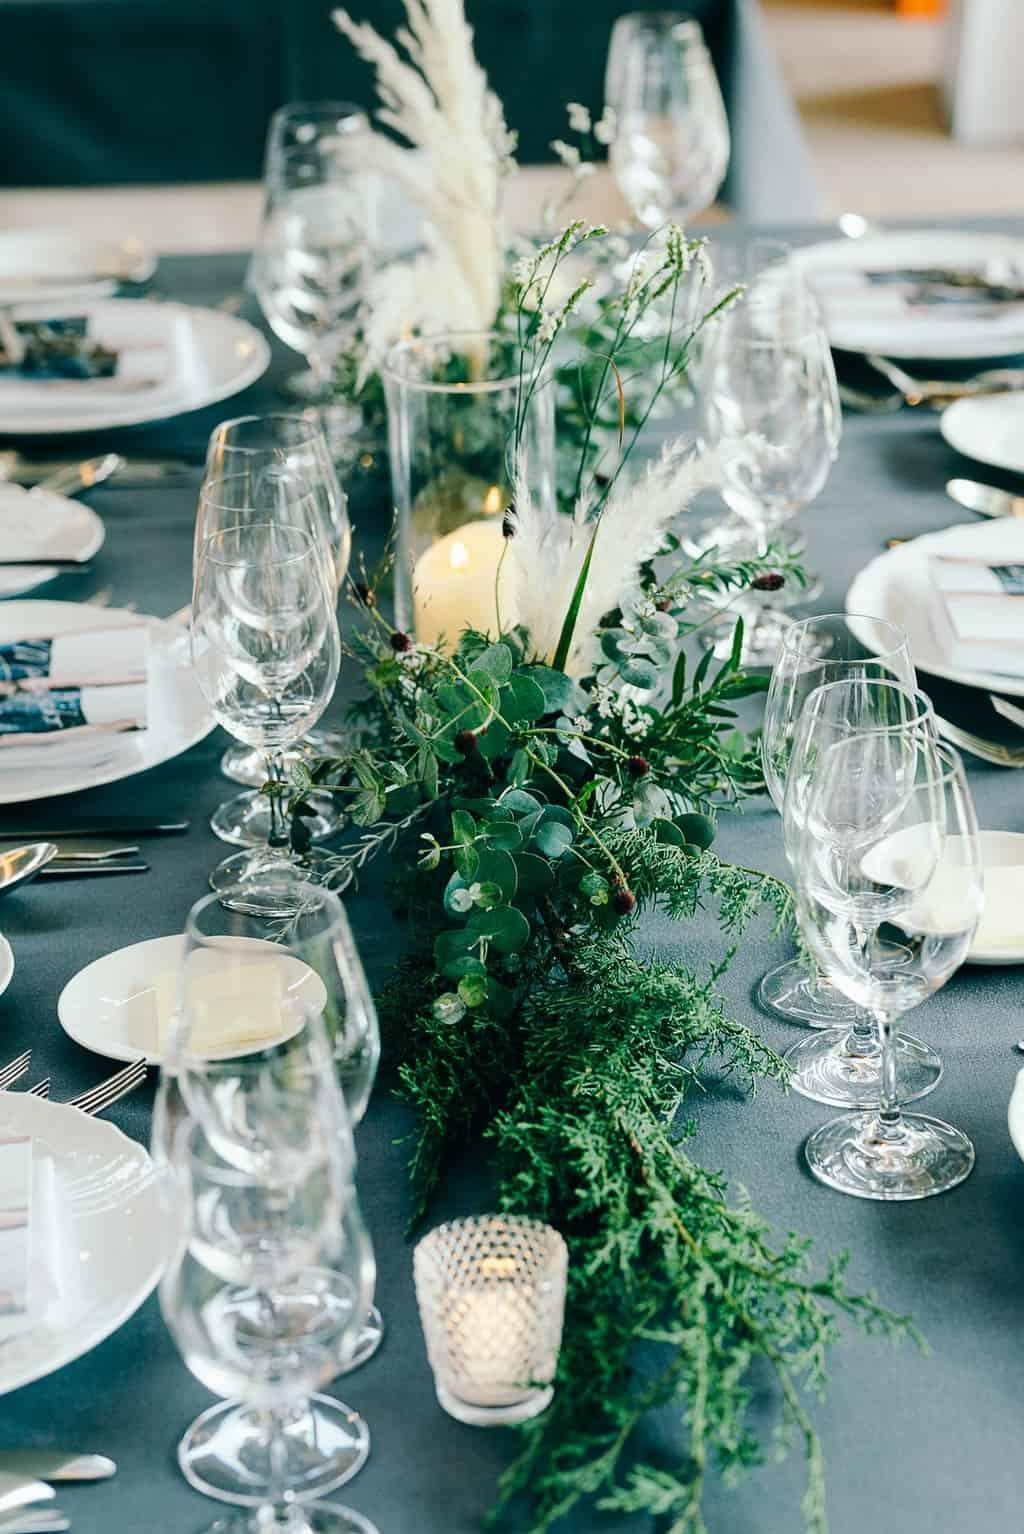 あえてお花は使わない*グリーンがメインのテーブル装飾10選のカバー写真